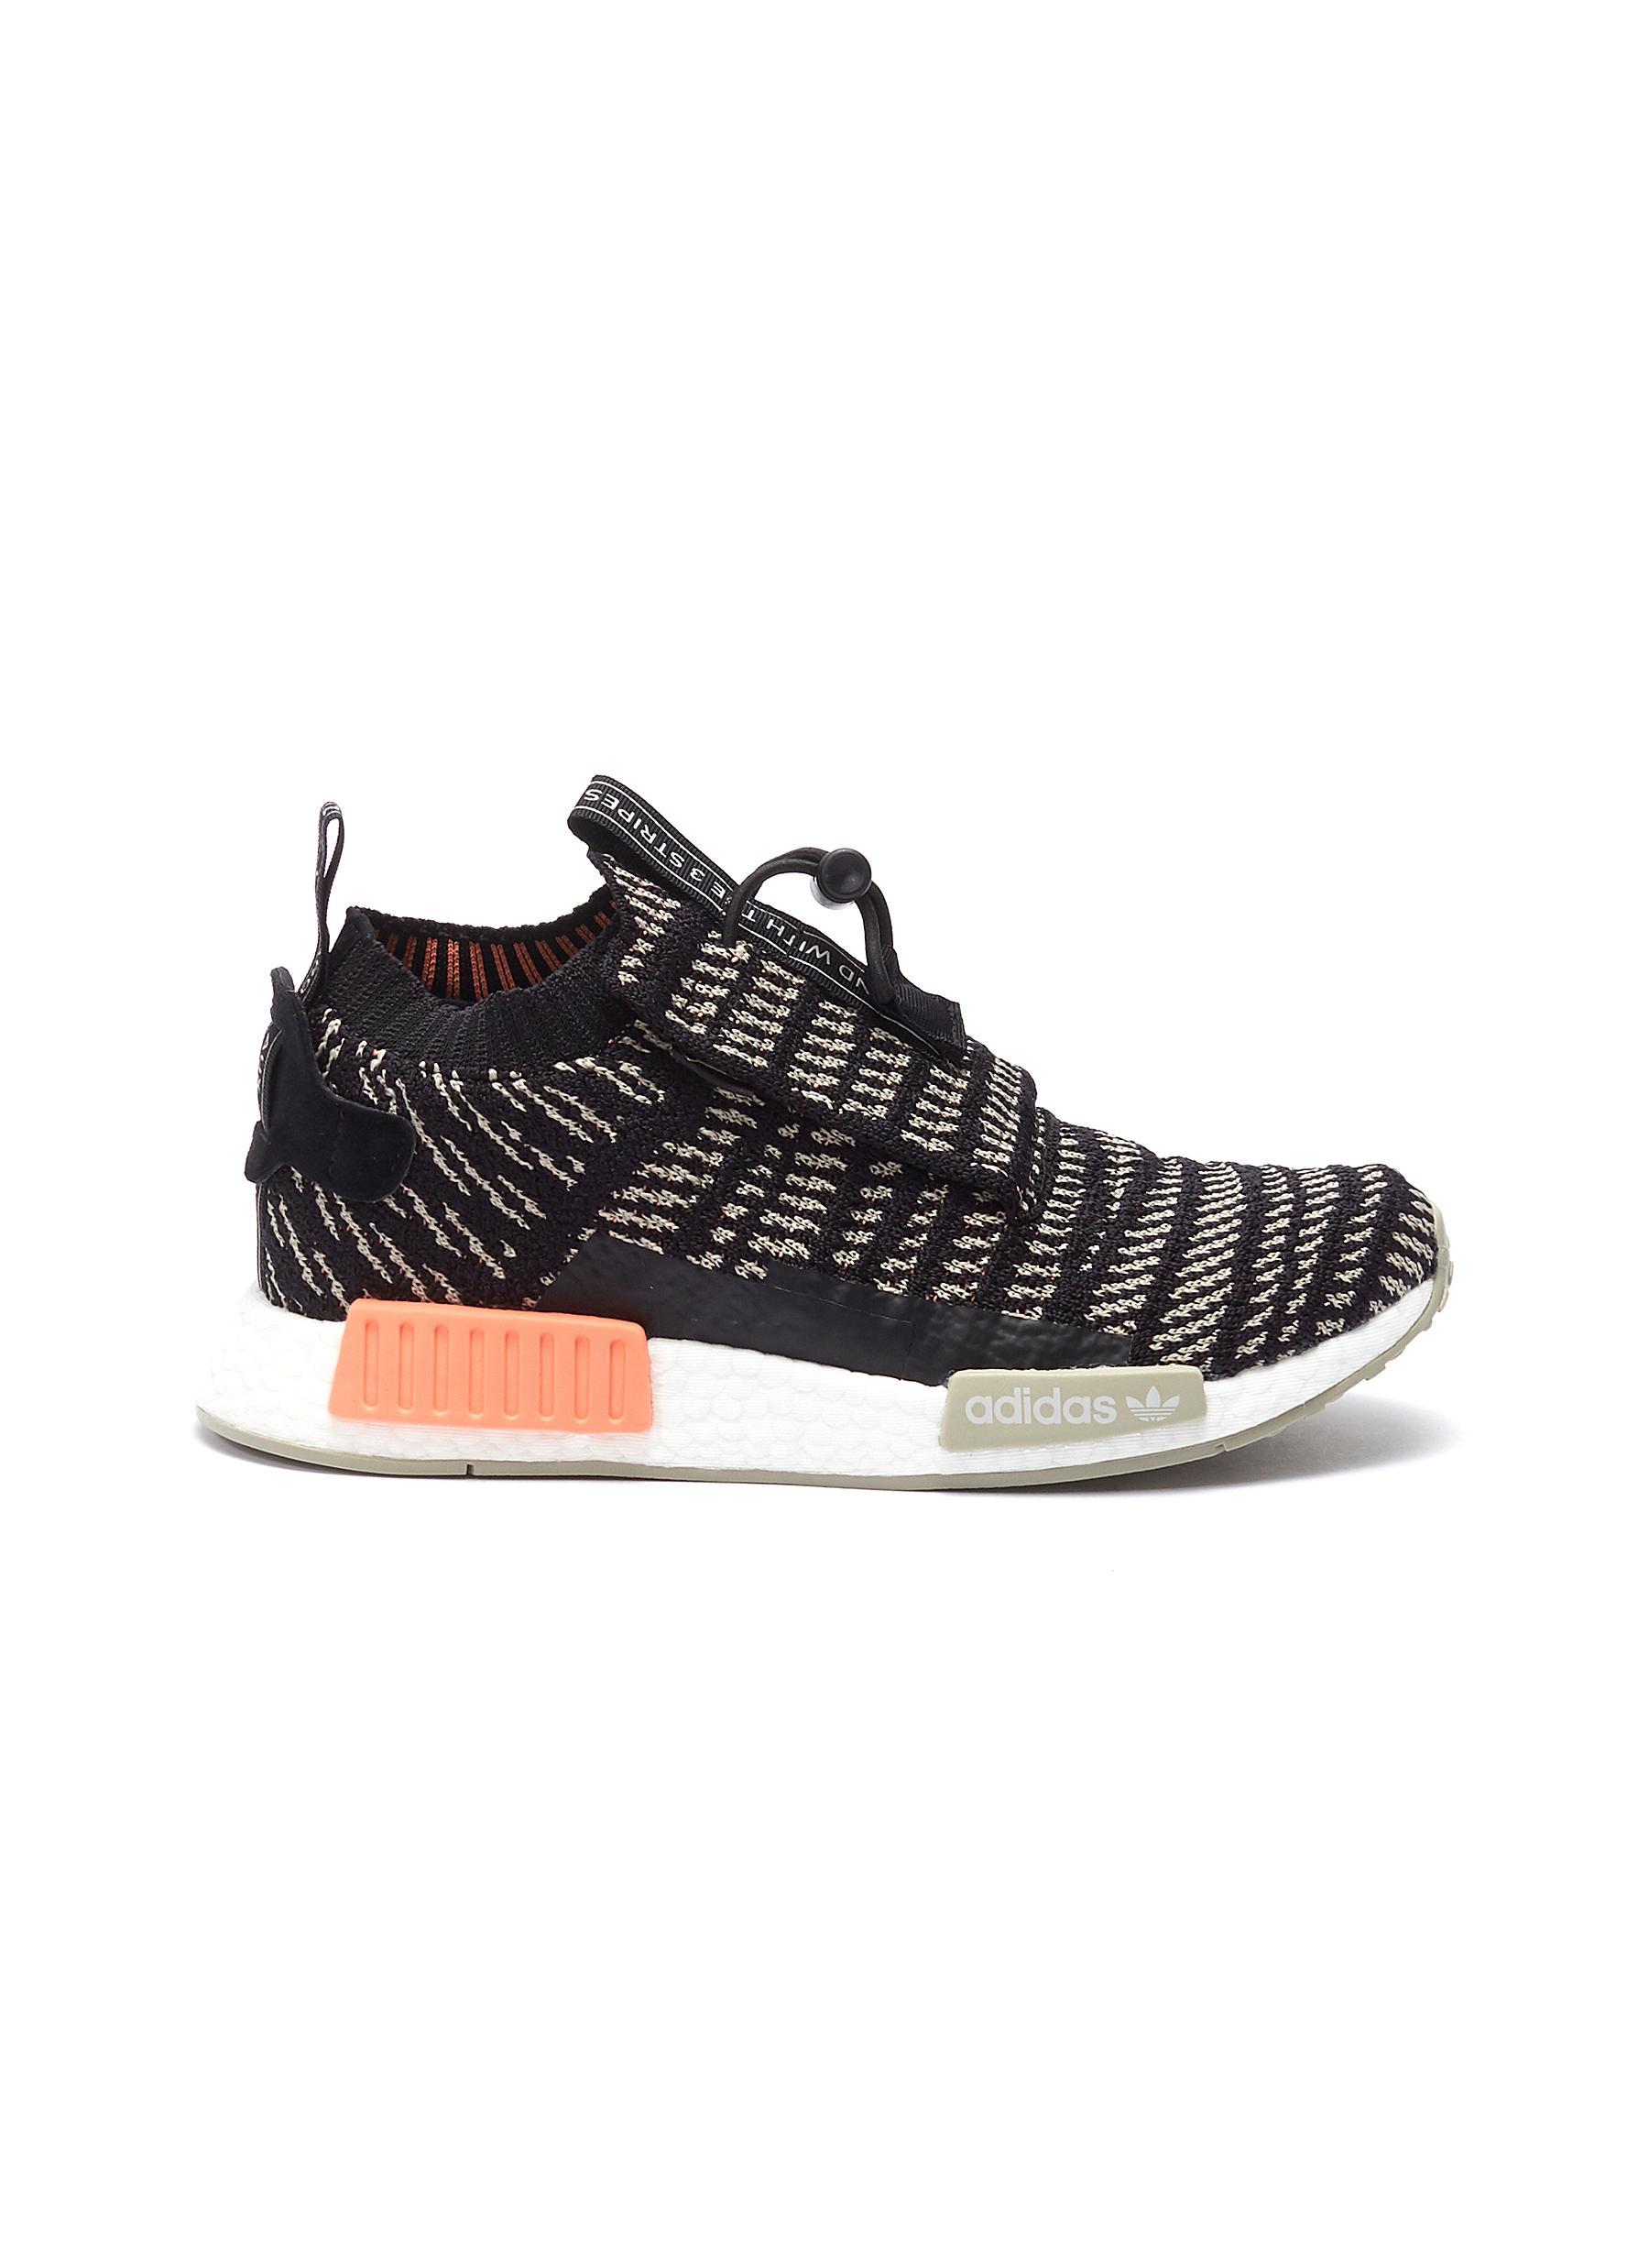 24f68f198 adidas.  NMD TS1  Primeknit boost™ sneakers